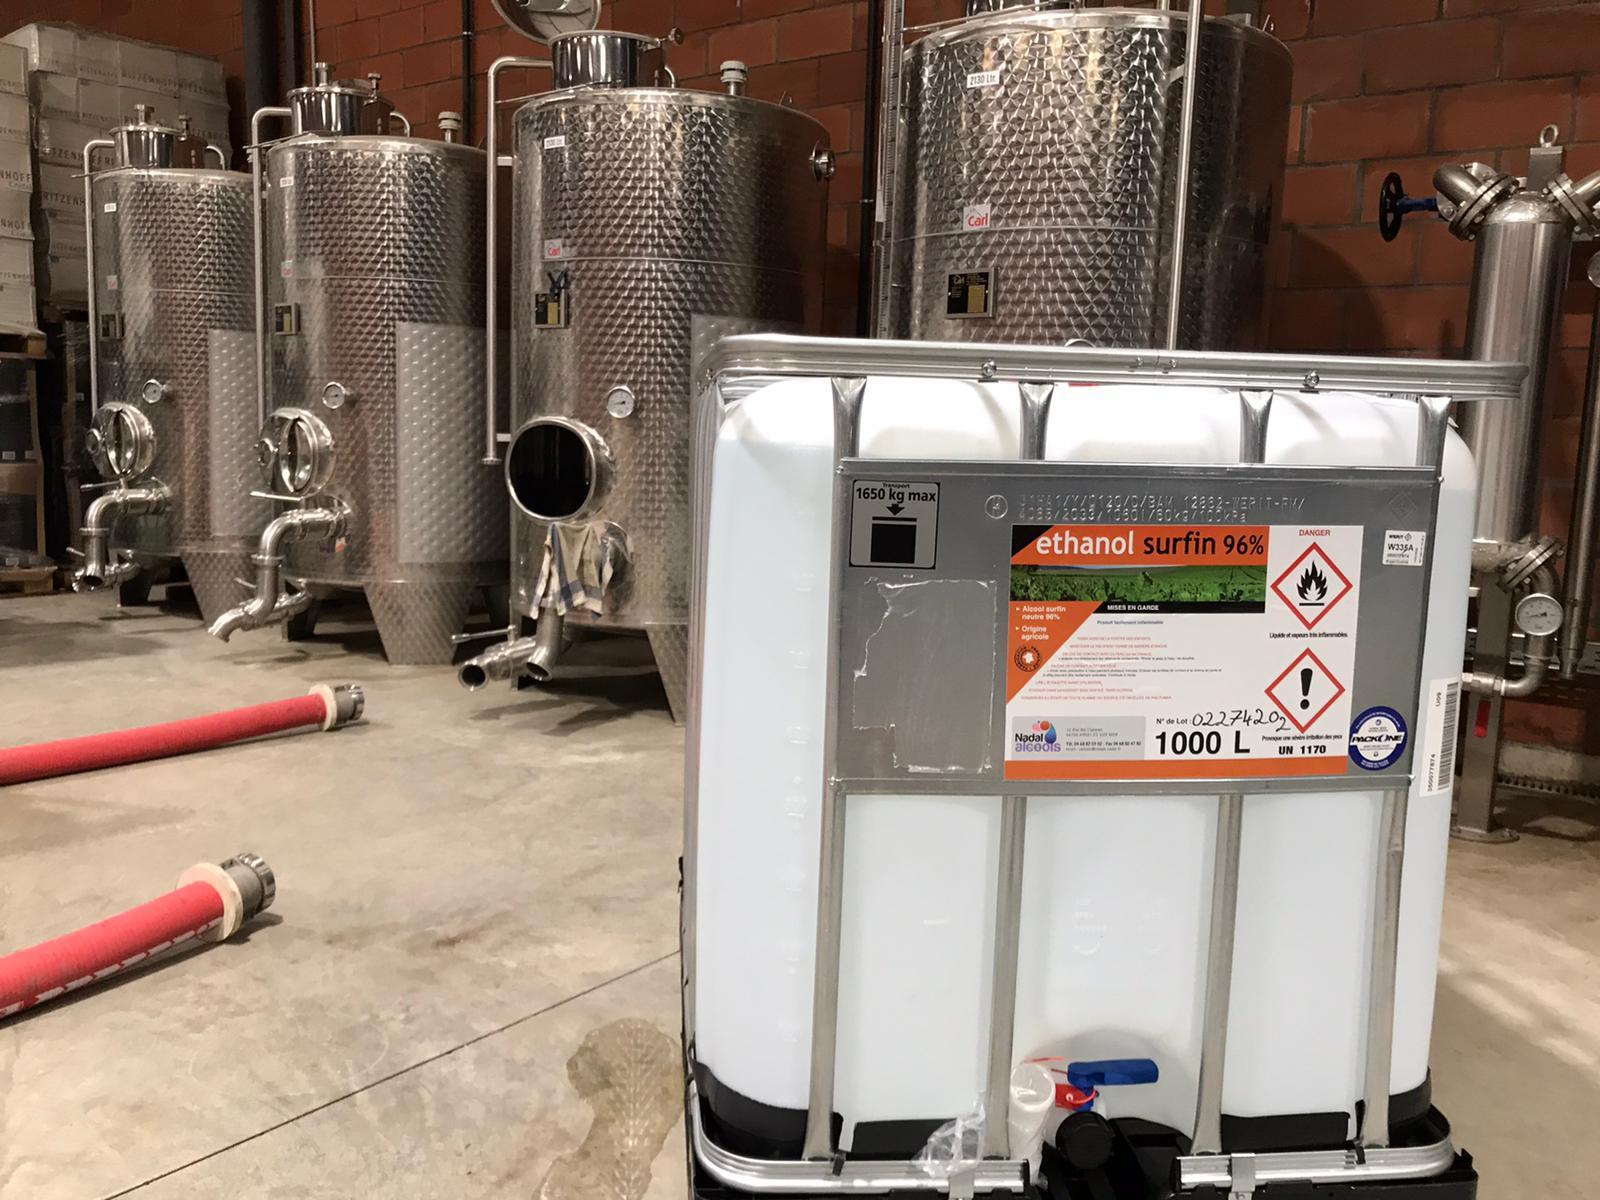 Ethanol surfin dans une distillerie